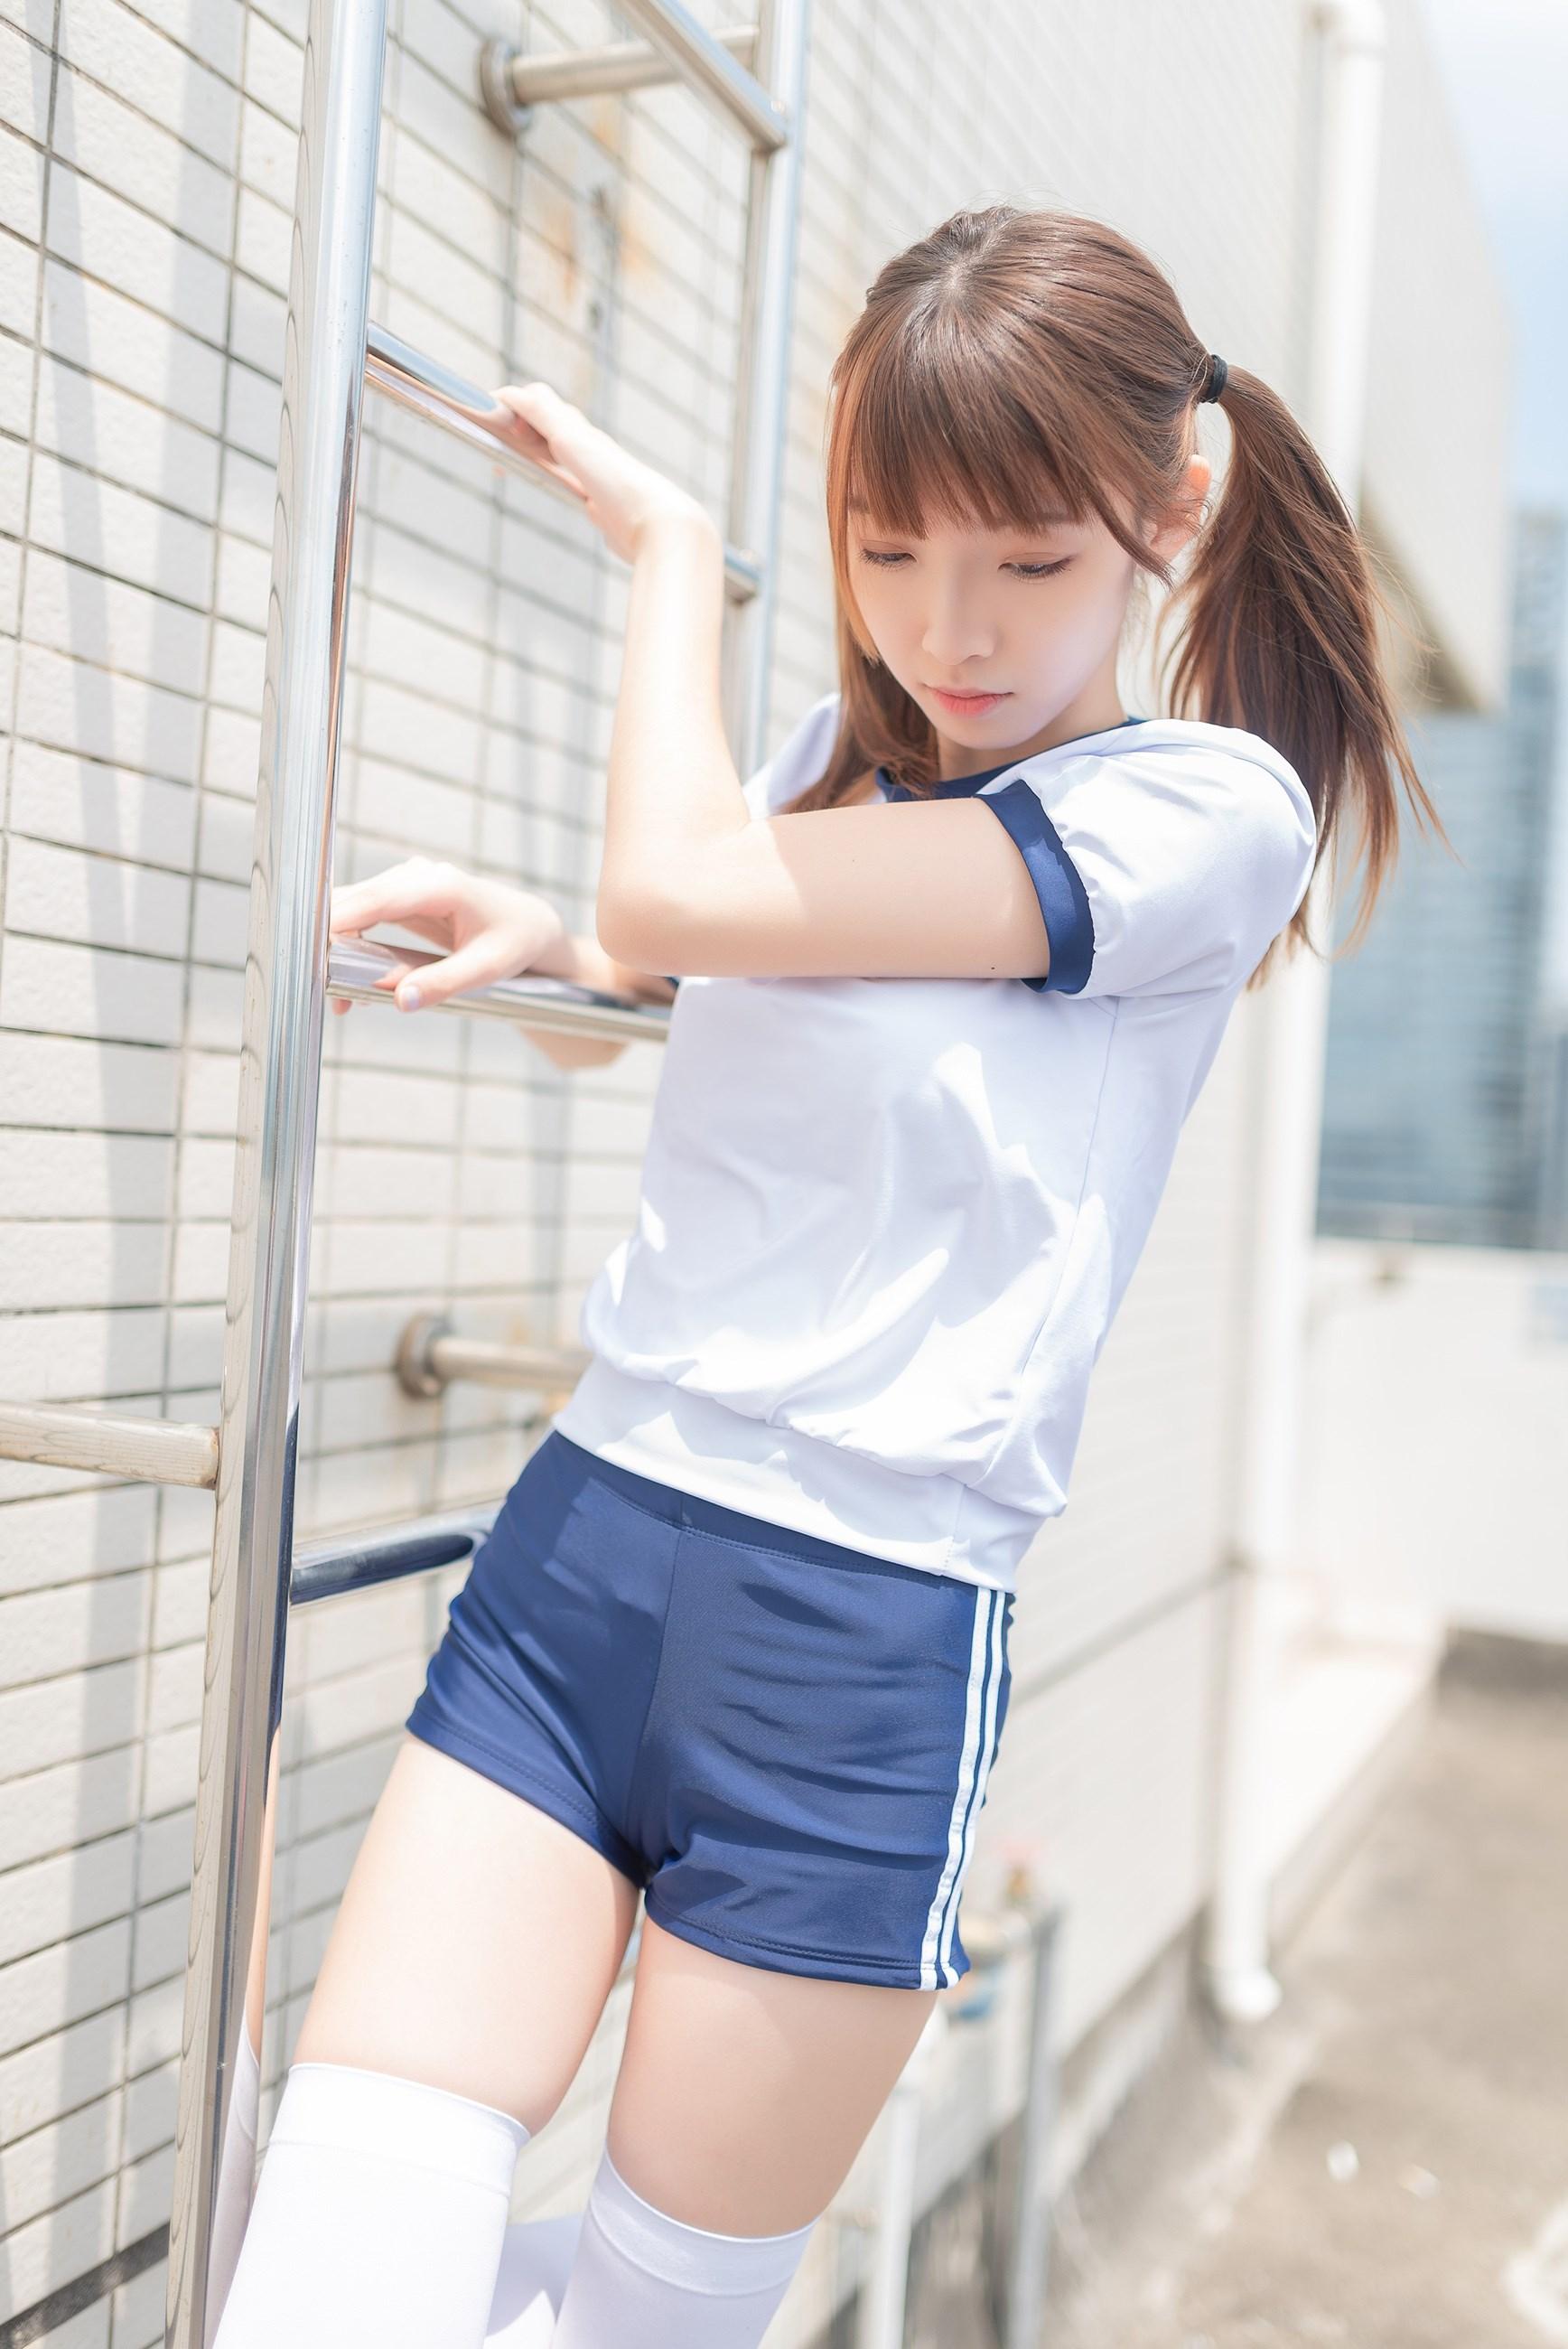 【兔玩映画】在教室门前穿体操服 兔玩映画 第4张